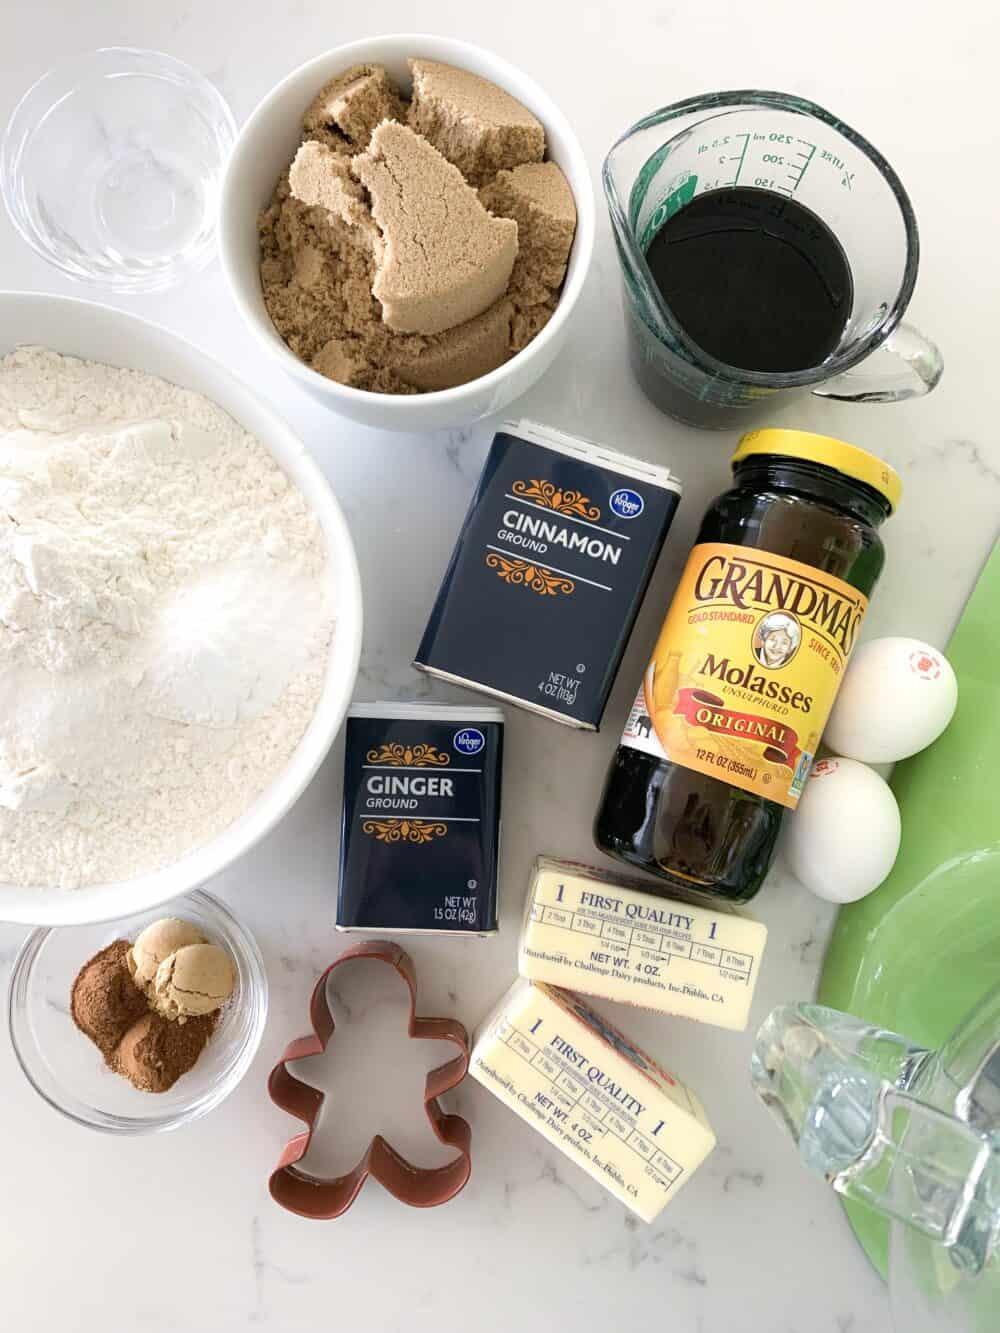 ingredients for gingerbread man cookies